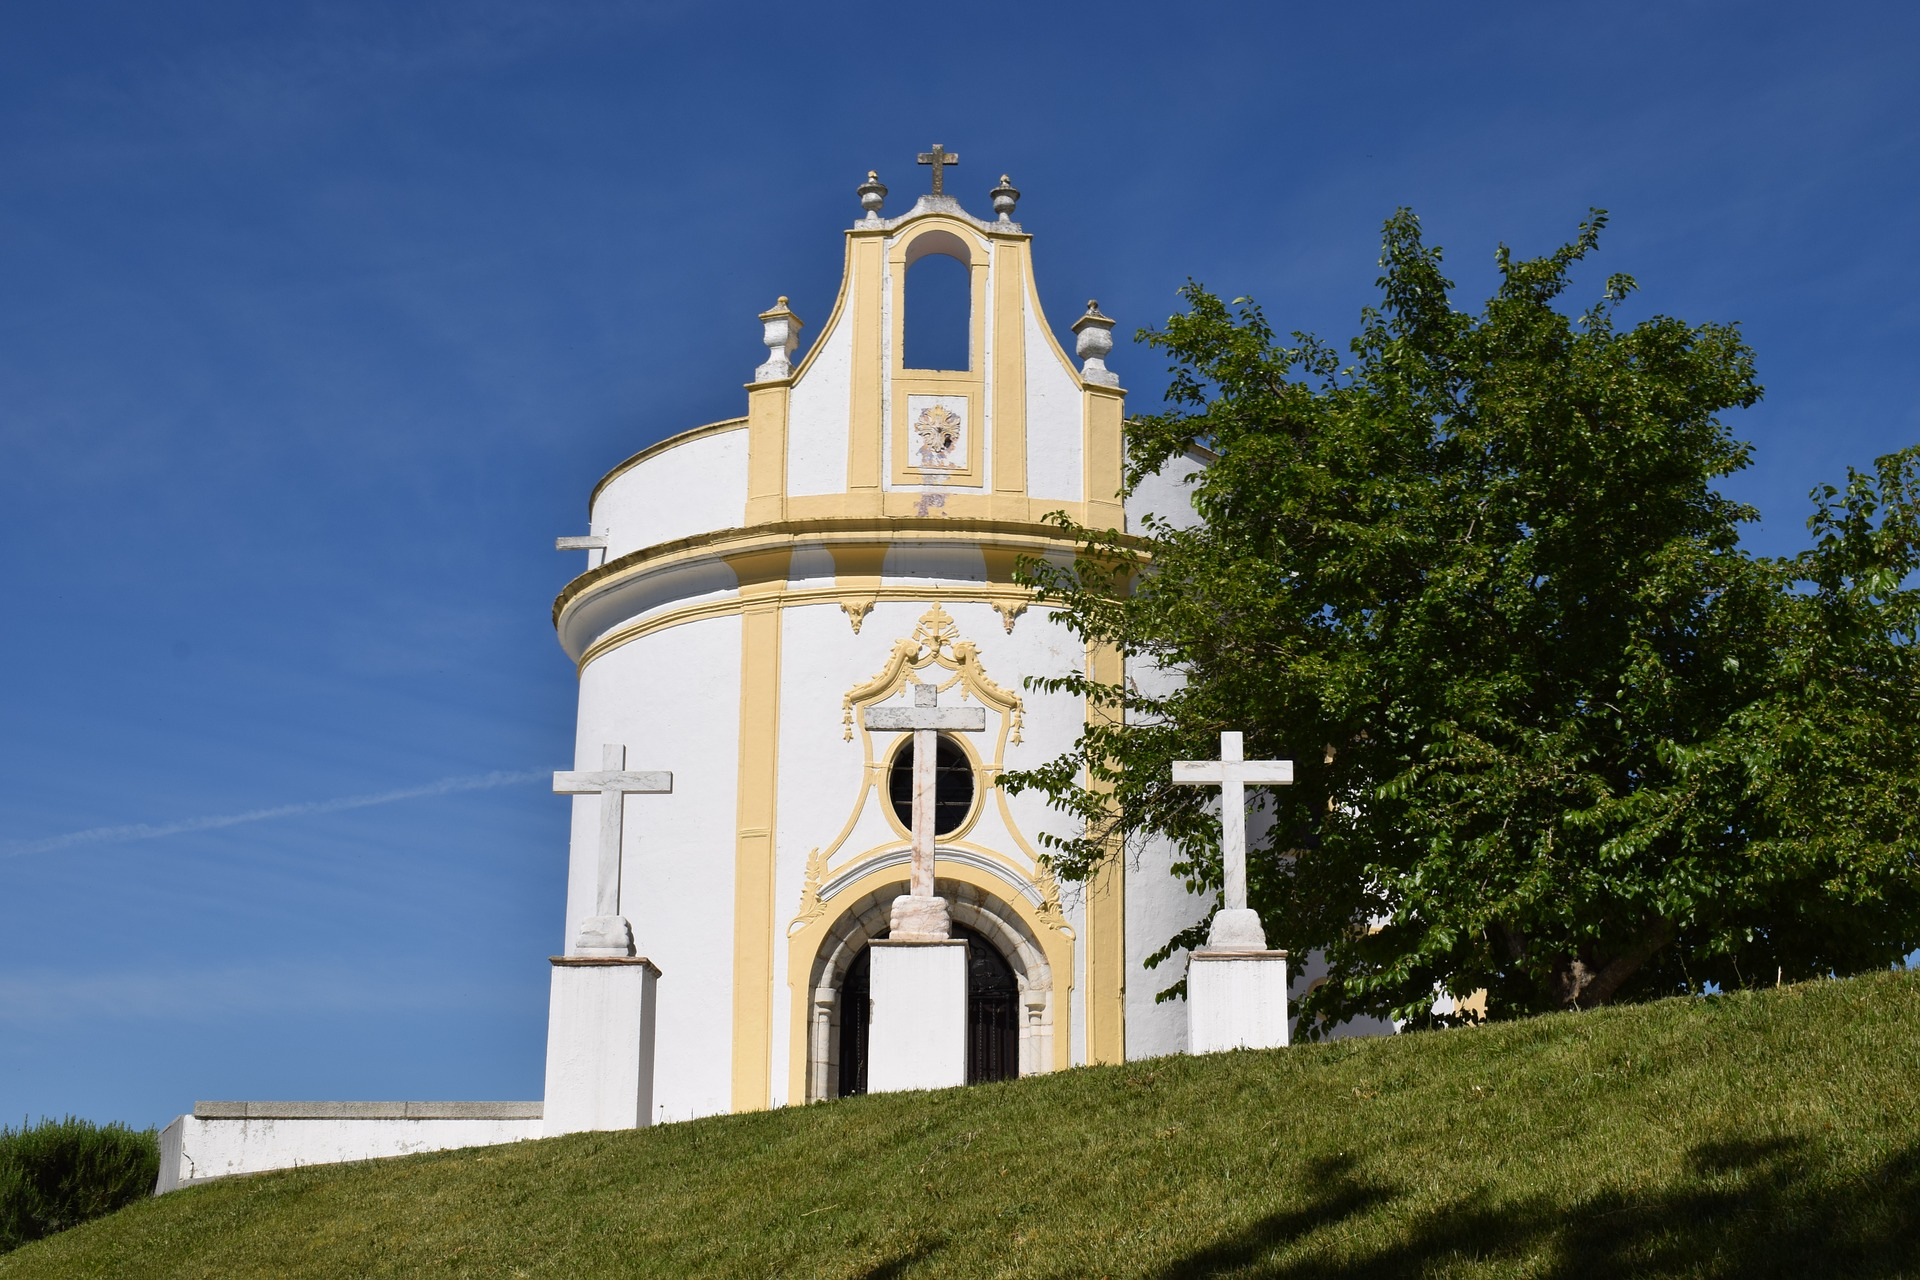 Igreja de Elvas Alentejo